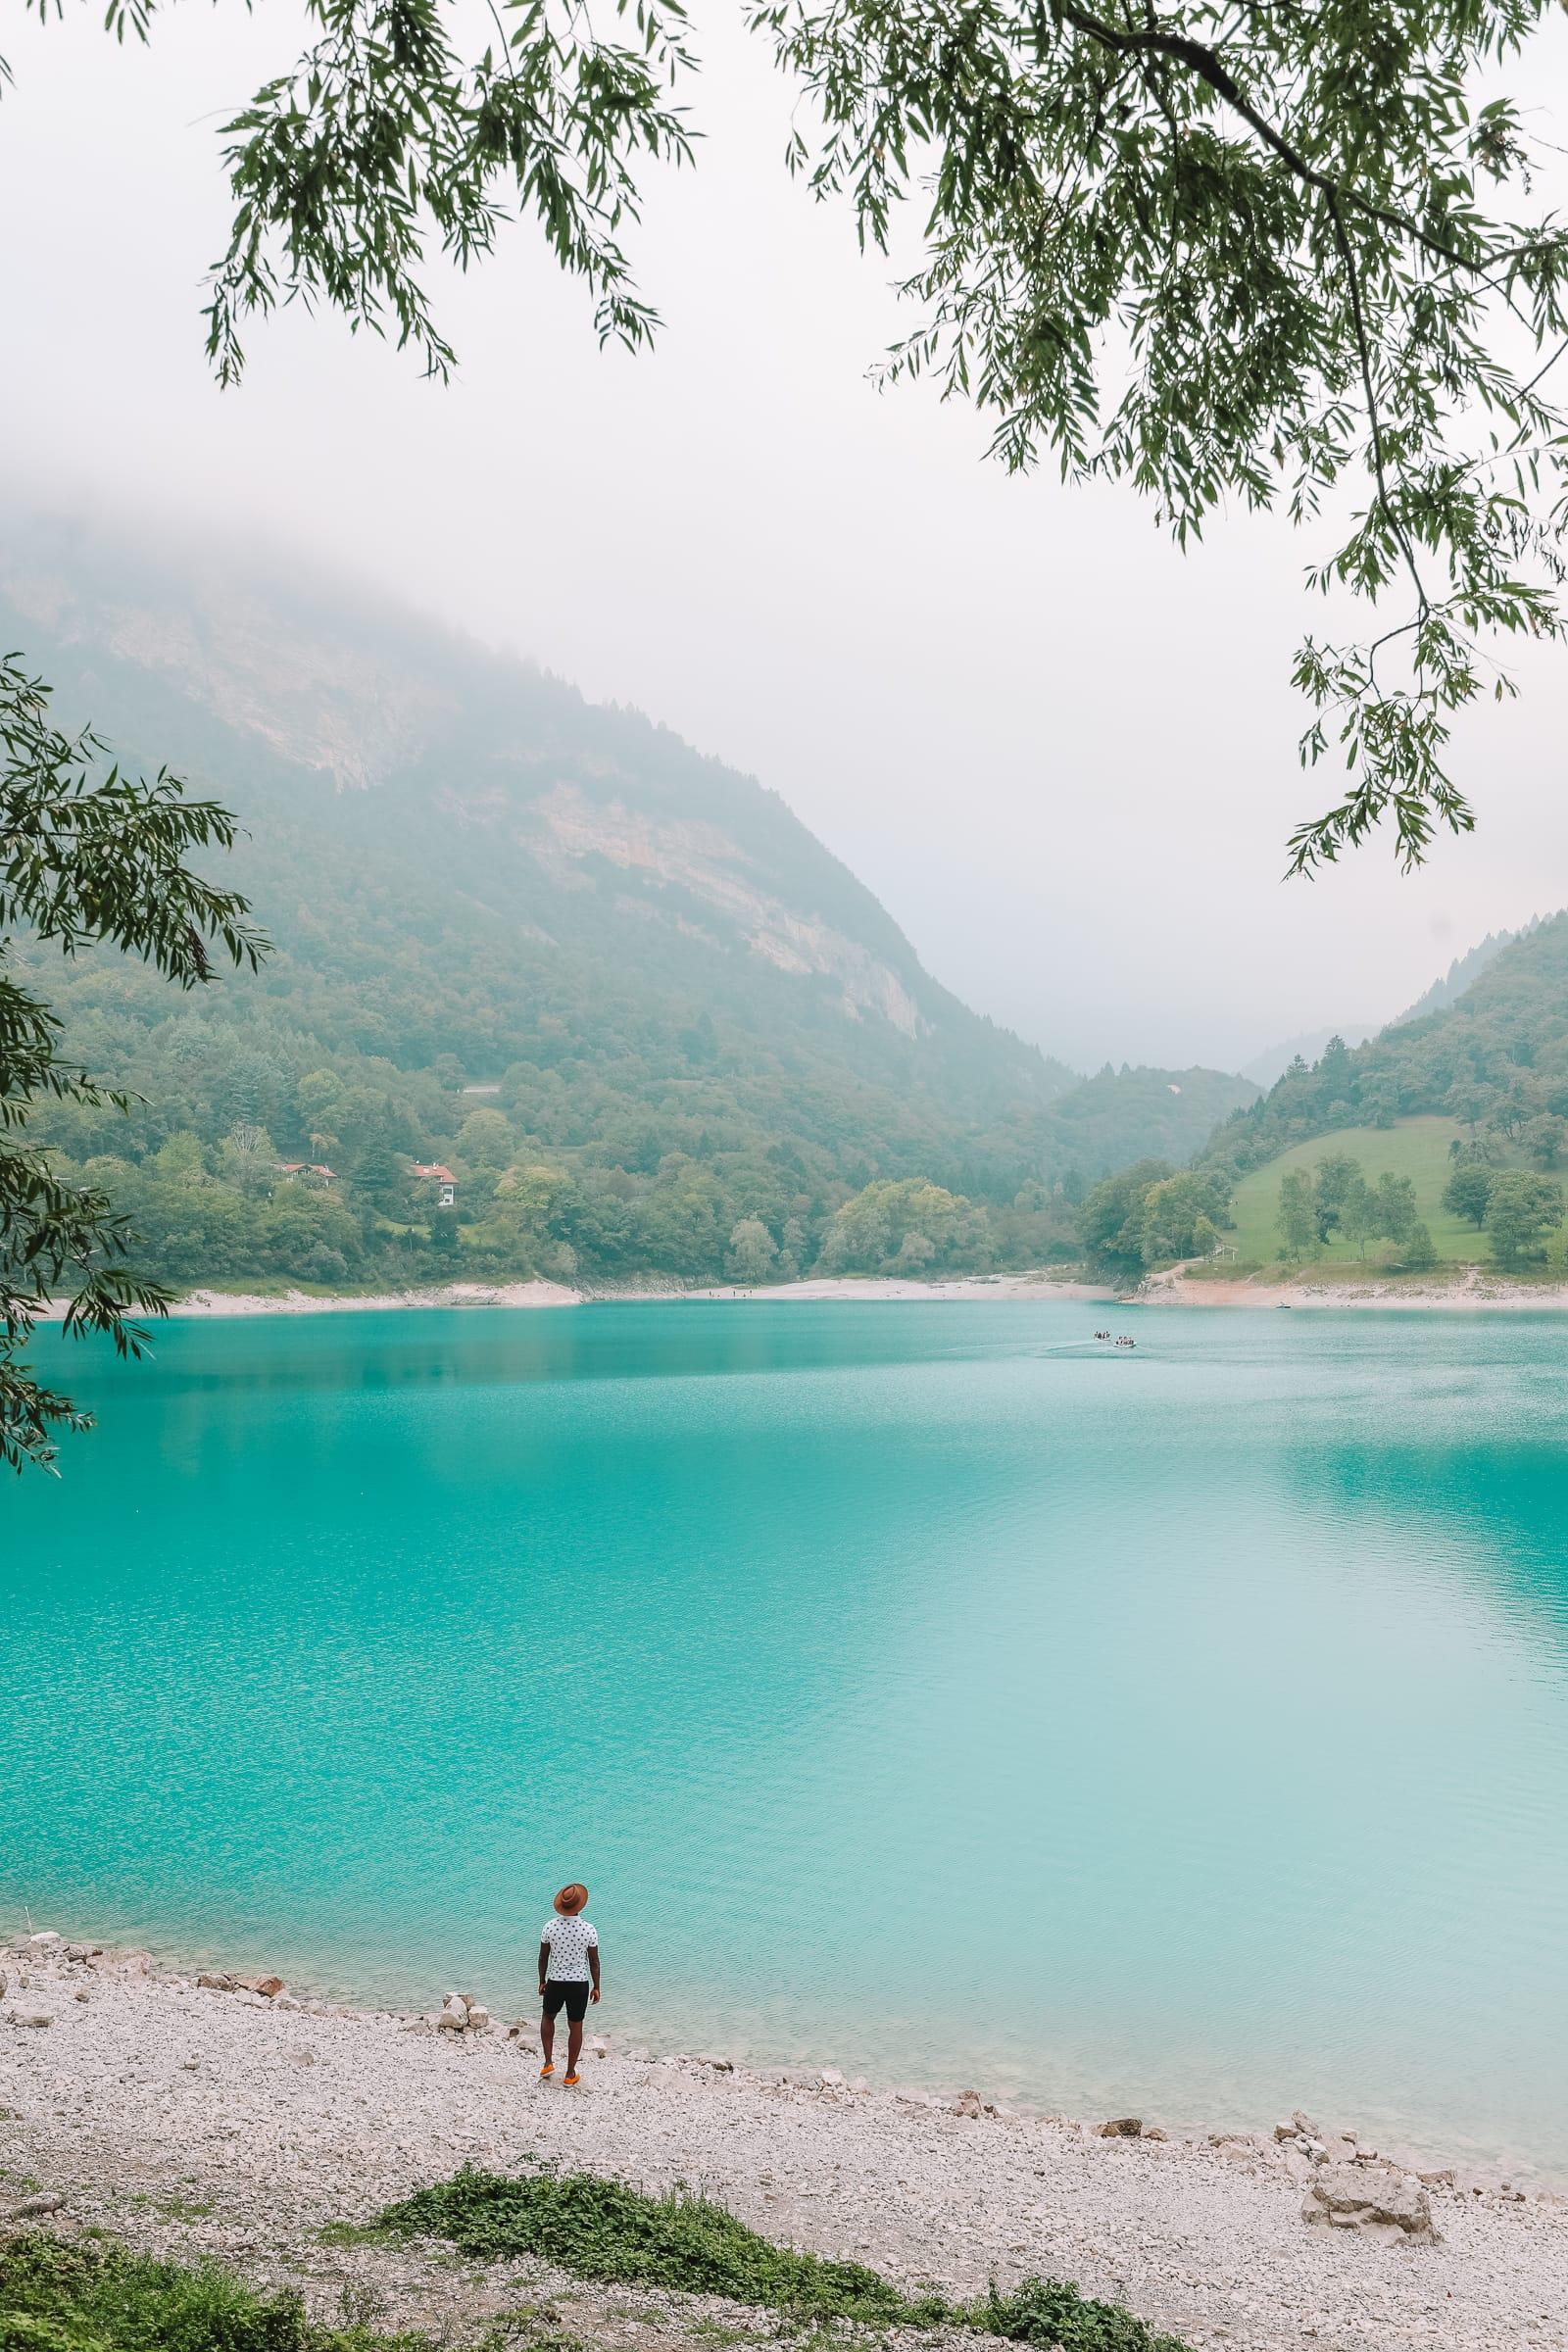 The Beautiful Lago Di Tenno, Cascate Del Varone And Completing A Via Ferrata In Lake Garda, Italy (23)